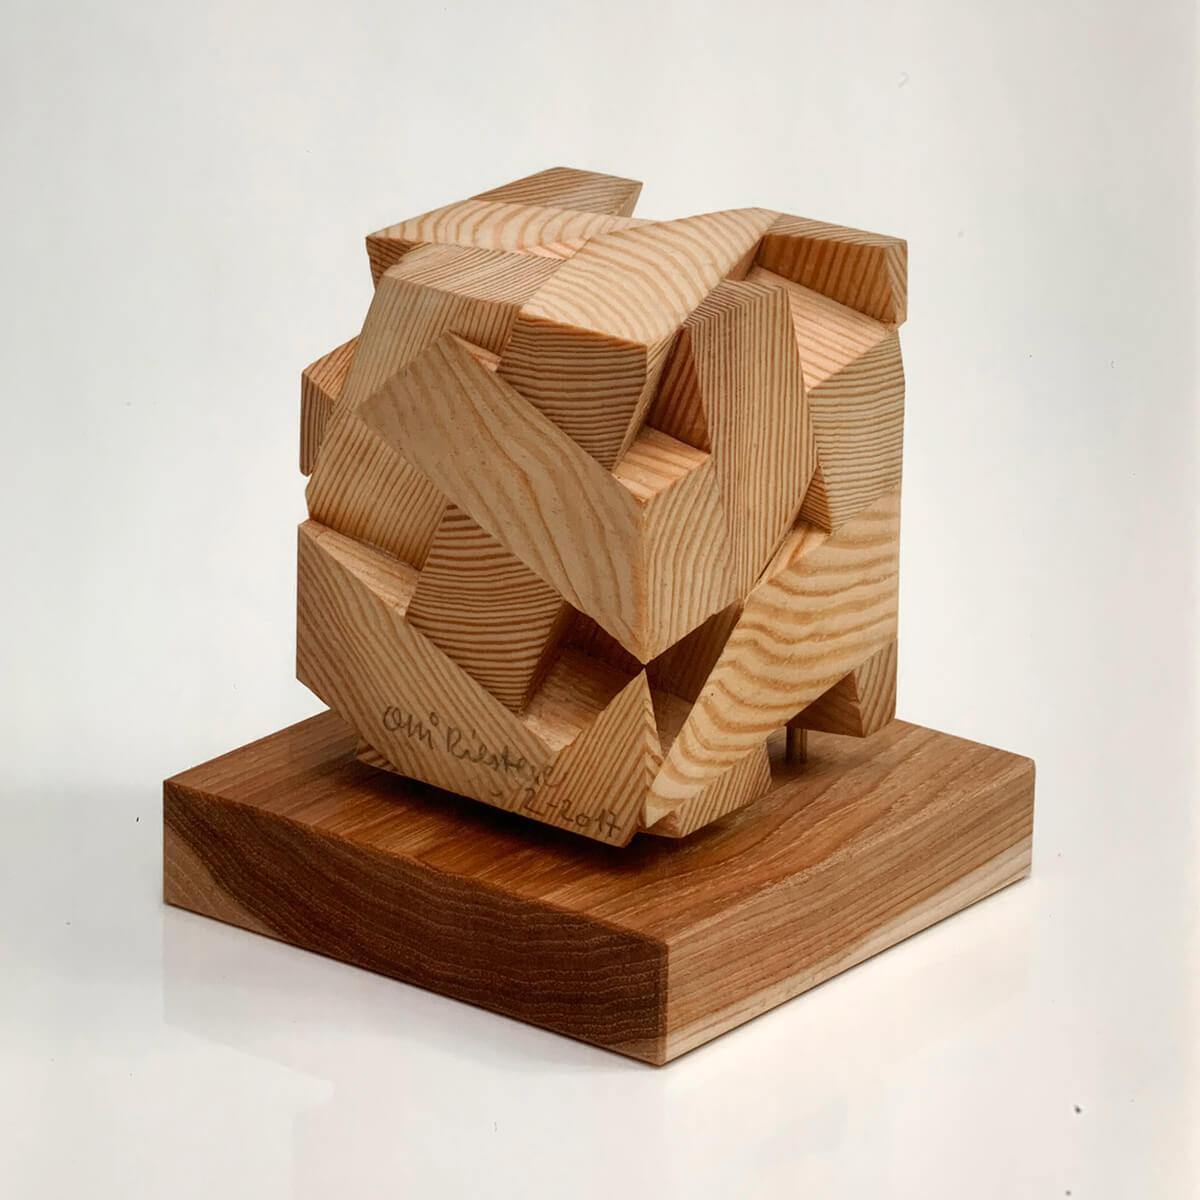 Bildhauer OMI Riesterer Skulpturen Geschlossener Würfel Tanne Fichte